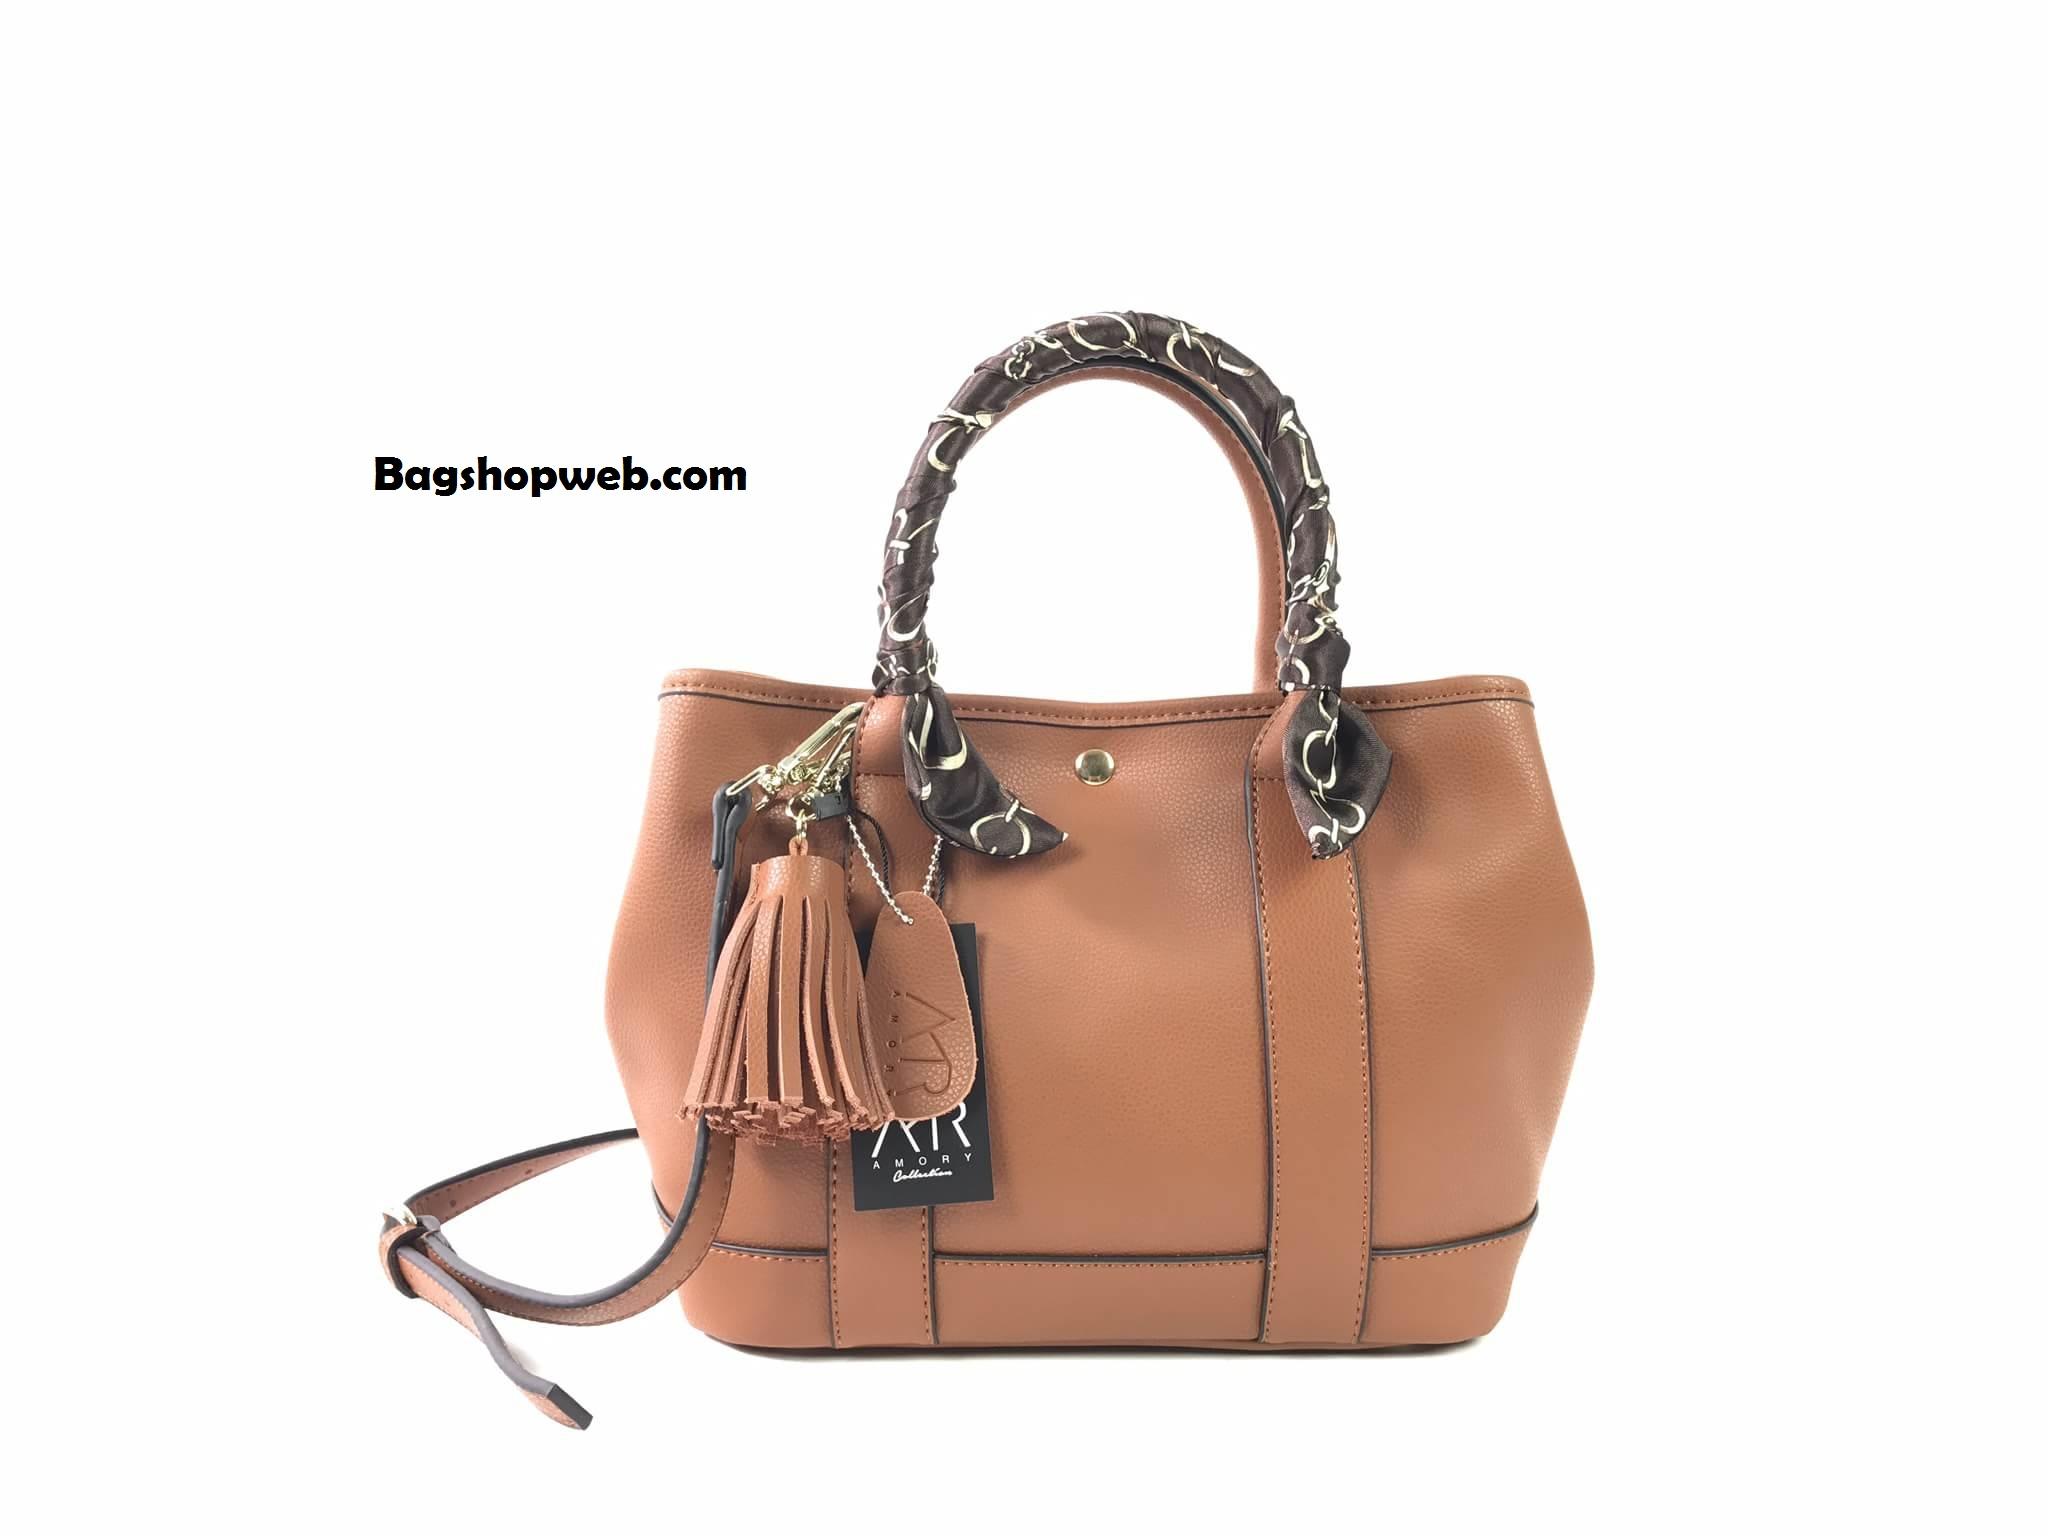 กระเป๋า Amory Twilly bag กระเป๋าทรงถือ กระเป๋าหนังแท้ ทรงสุดฮอต สีน้ำตาล